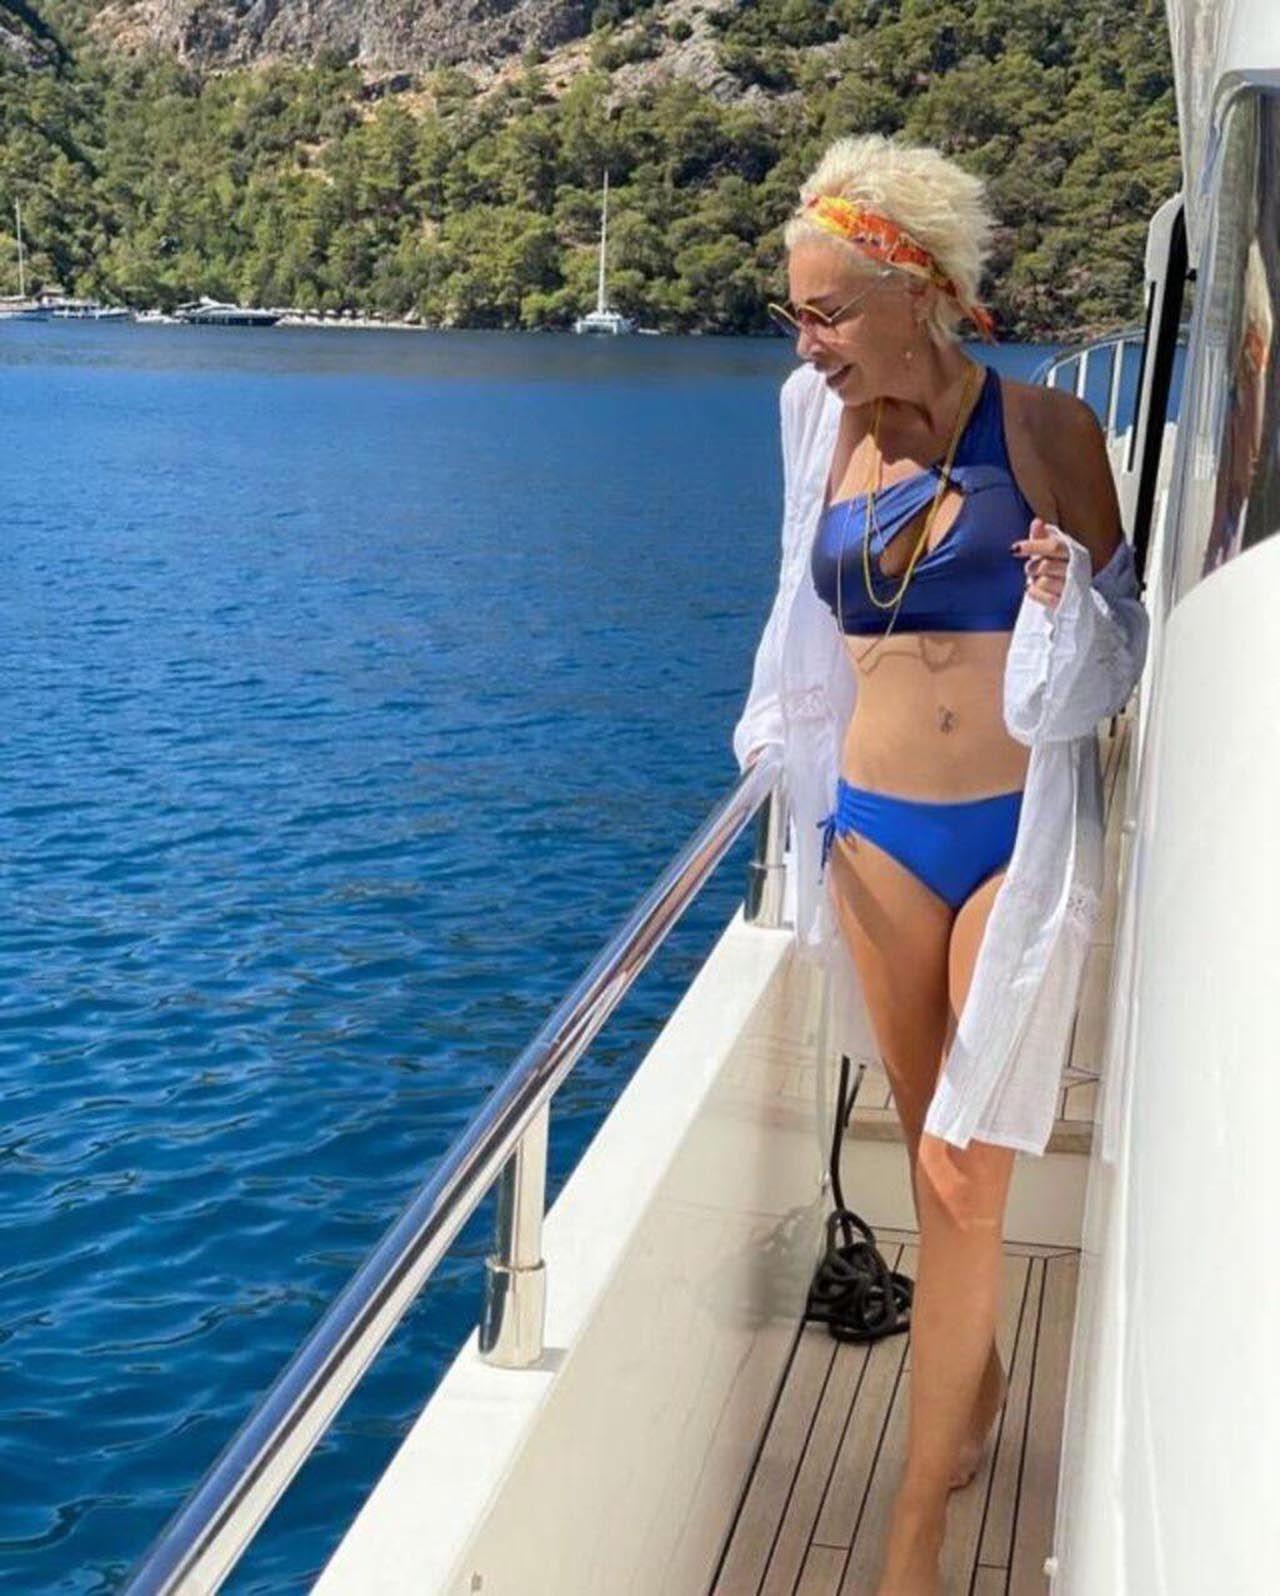 Linet, bikinili pozlarına dikkat çeken yorum: ''Aaa göbek deliği yokmuş!'' - Resim: 4